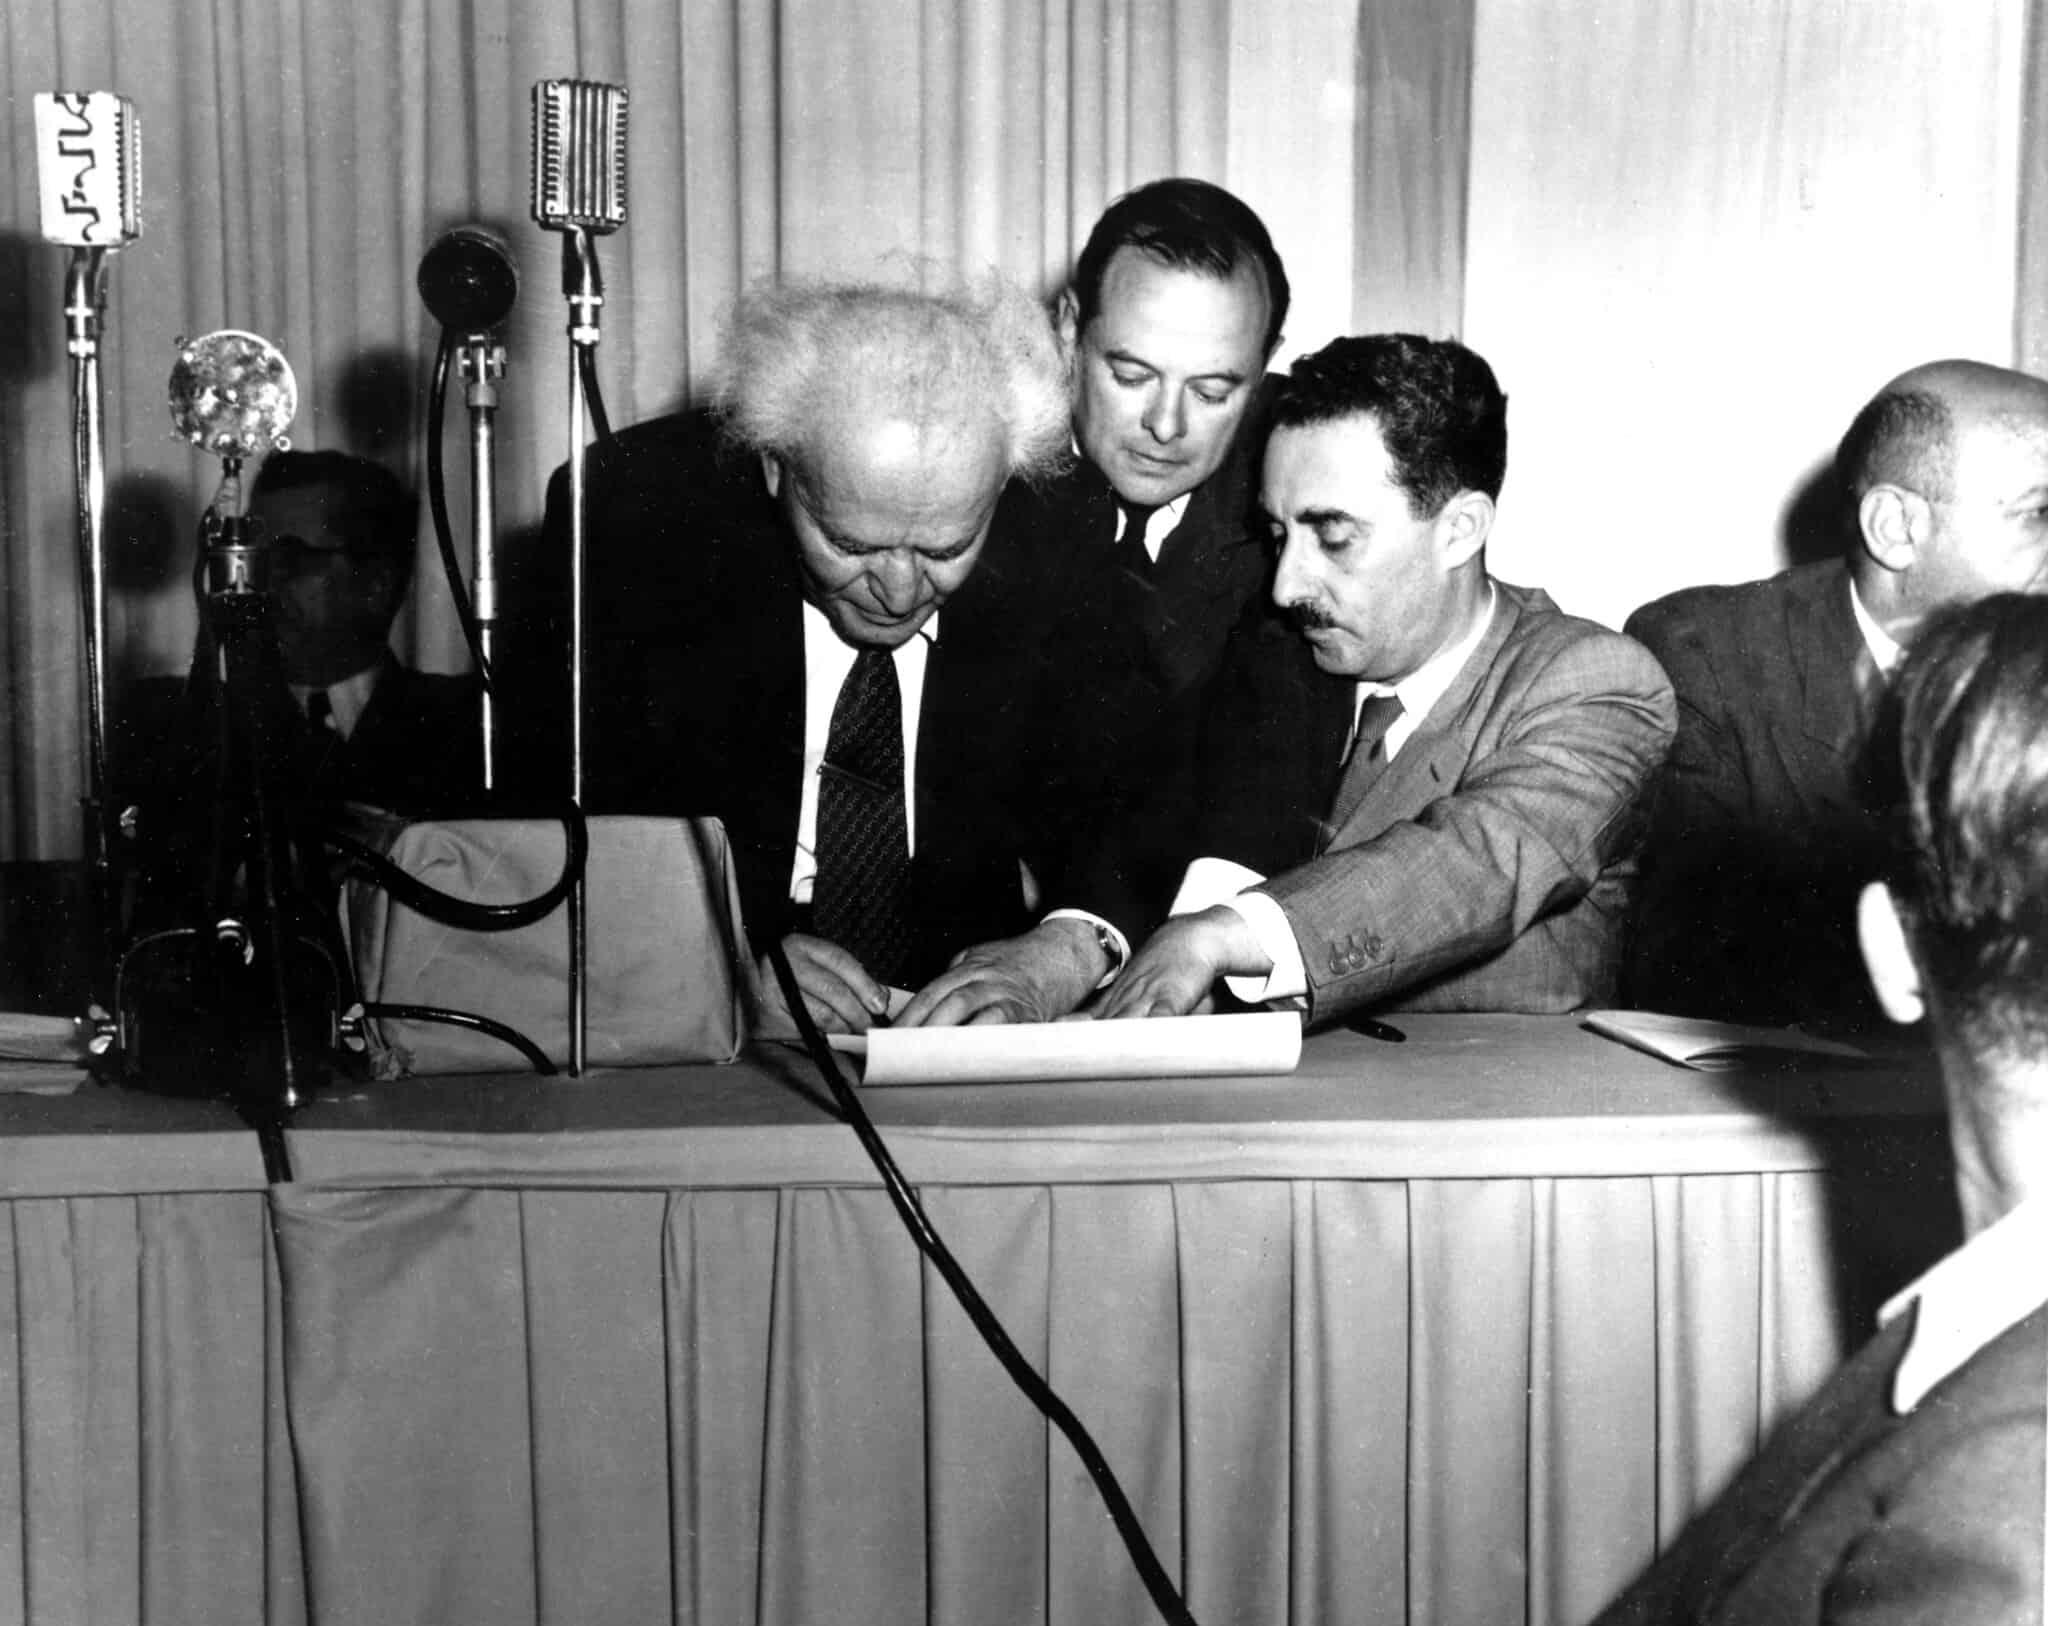 דוד בן גוריון חותם על מגילת העצמאות ב-14 במאי 1948. מימינו, משה שרת (צילום: AP Photo)